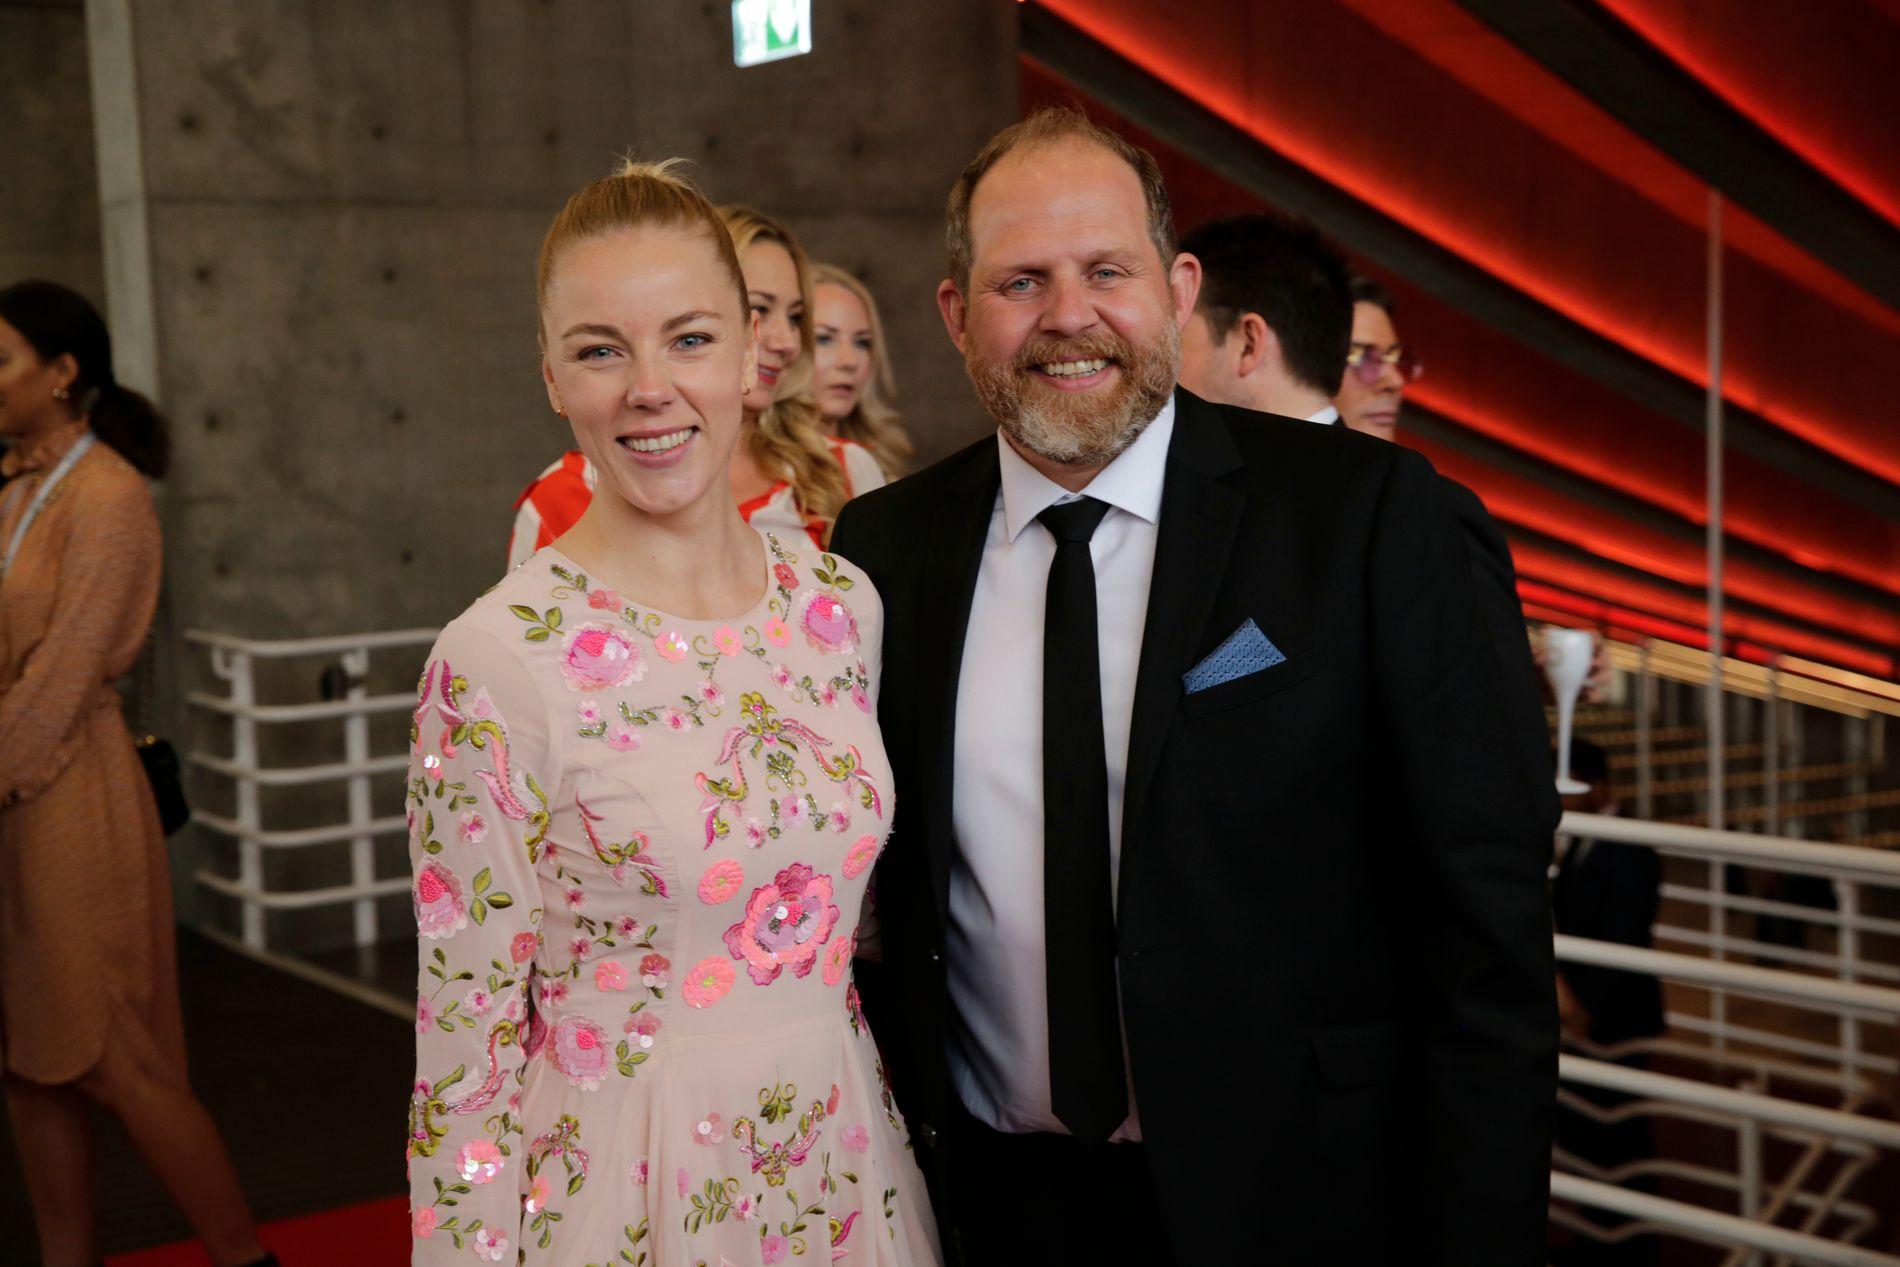 KOKKE-SPIRE: Truls Svendsen er gjennom matprogrammet «Truls à la Hellstrøm» nominert til to priser. Her sammen med kjæresten Charlotte.